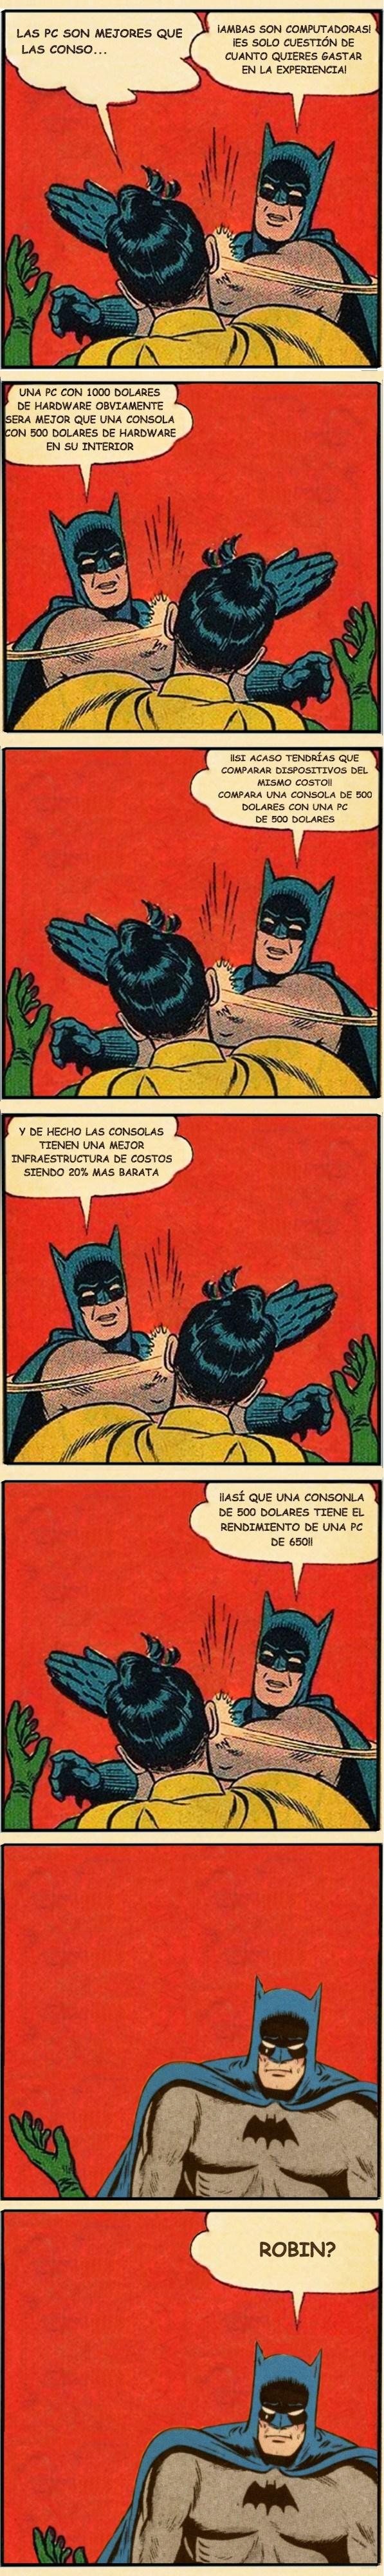 batman meme pegandole a robin para defender las consolas sobre el pc